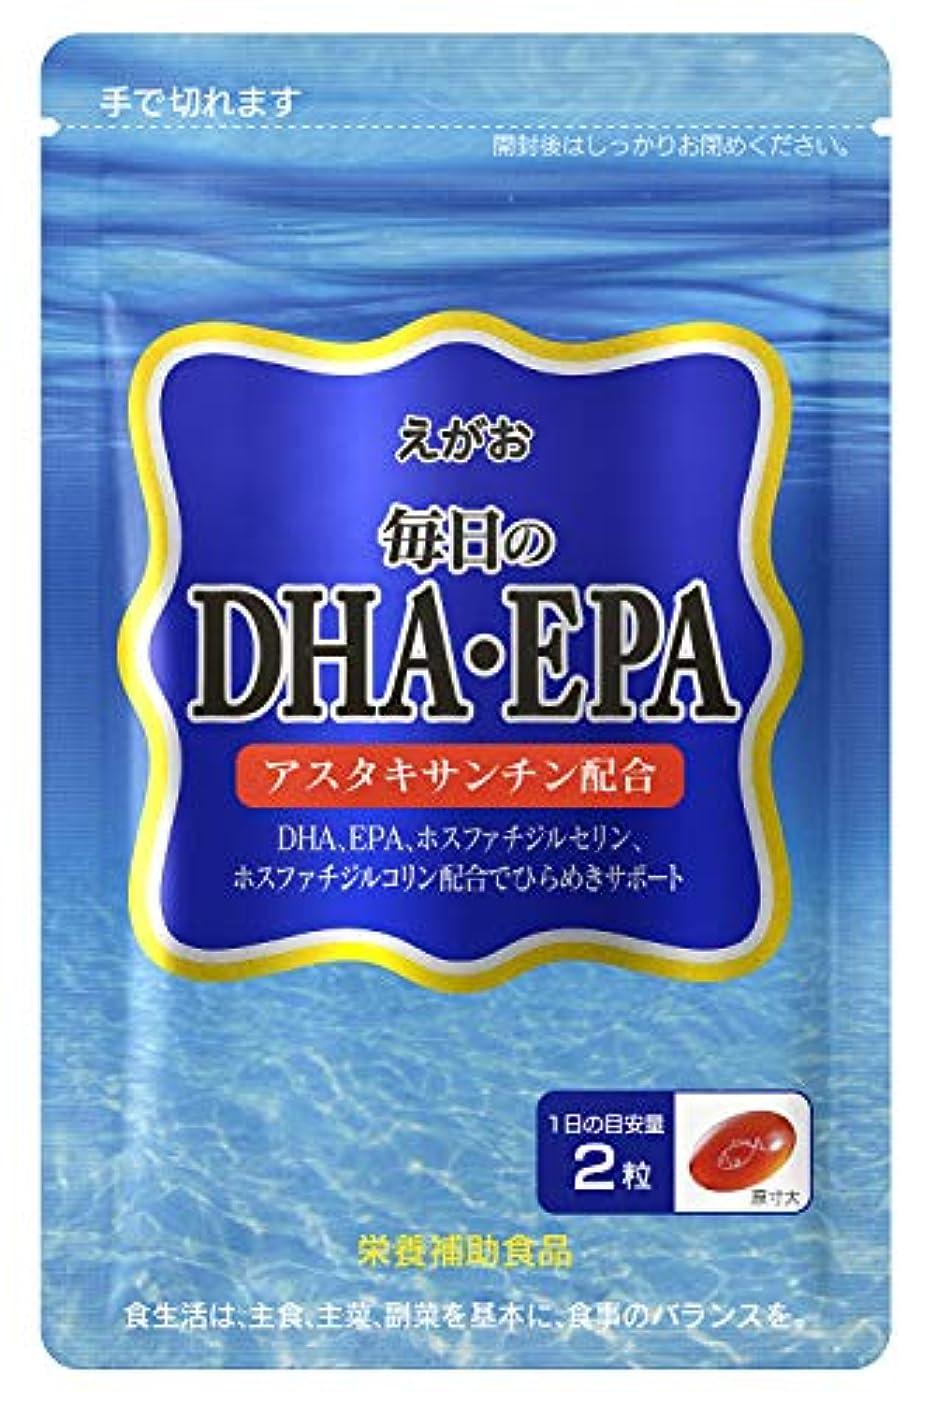 修理工おもしろい仕様えがお 毎日の DHA ? EPA 【1袋】(1袋/62粒入り 約1ヵ月分) 栄養補助食品